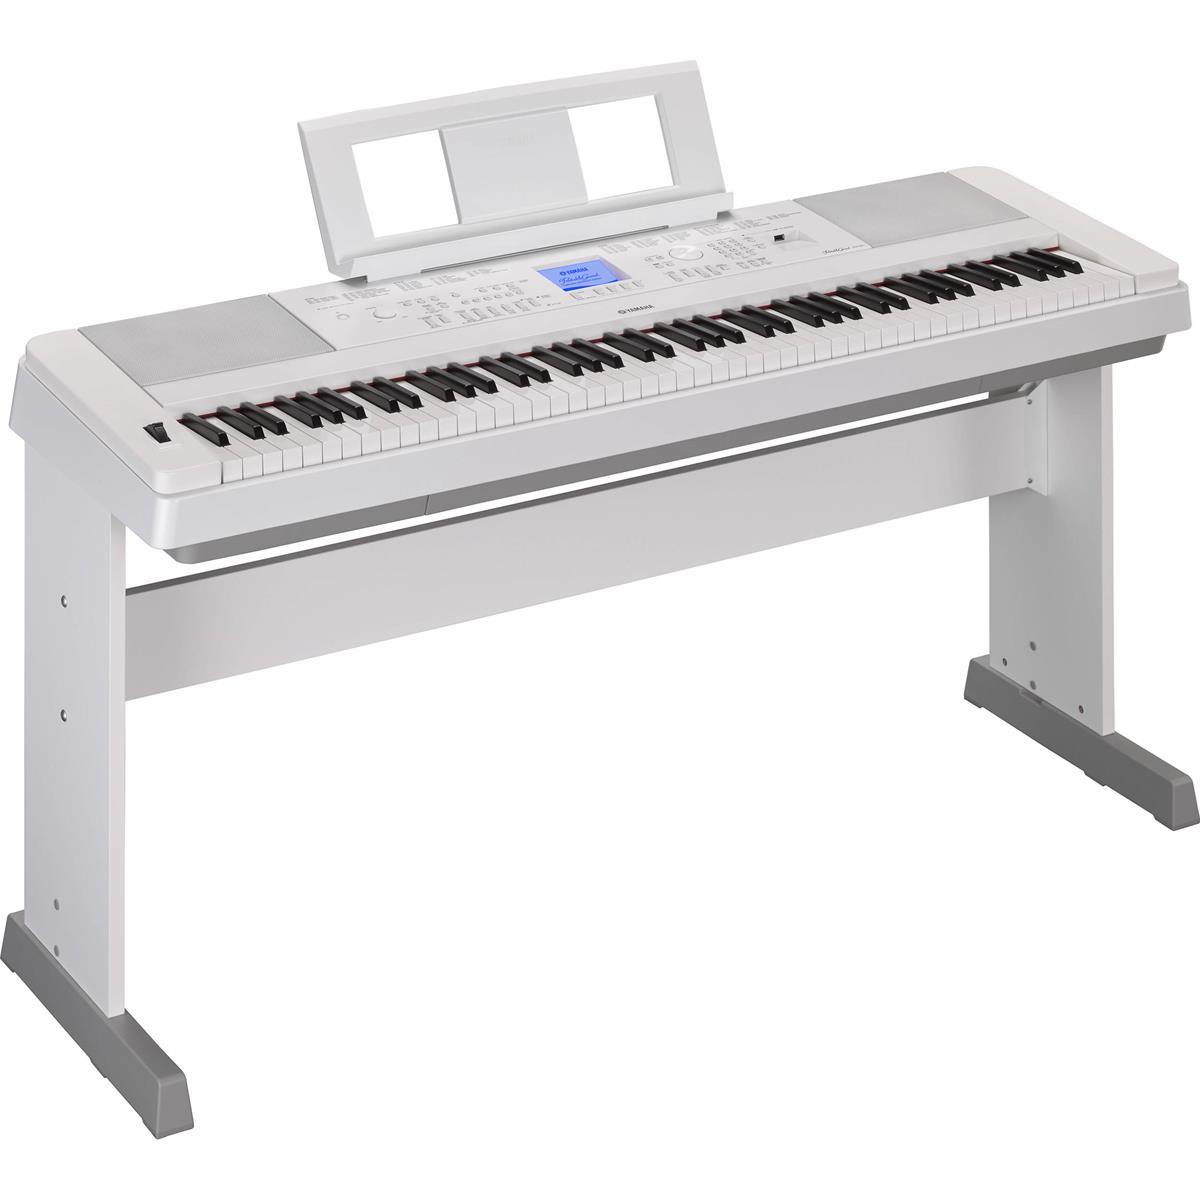 YAMAHA DGX 660 WH - DIGITAL PIANO WHITE